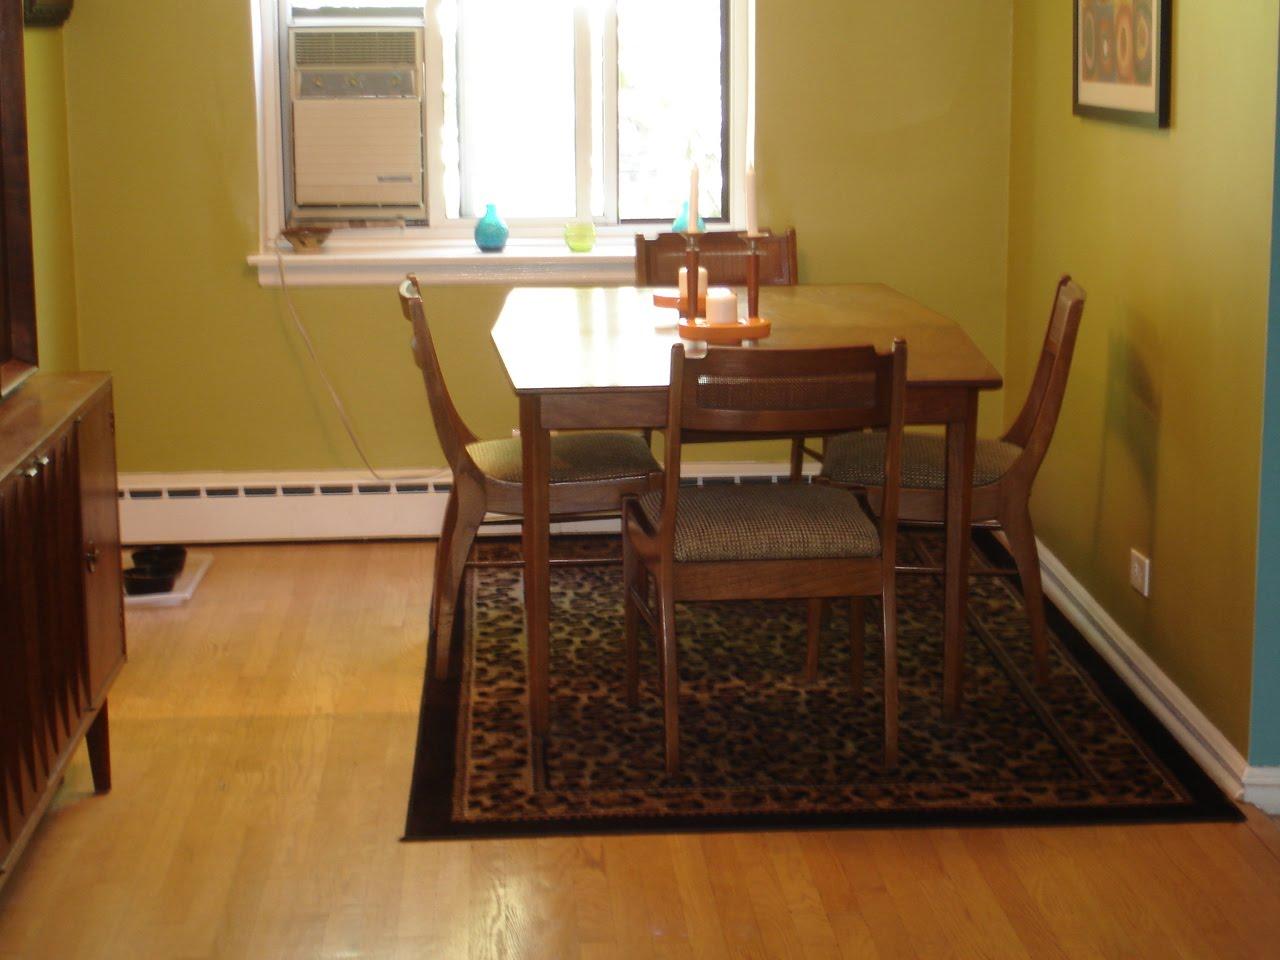 Black Kat's Design: My dining room: rug or no rug?